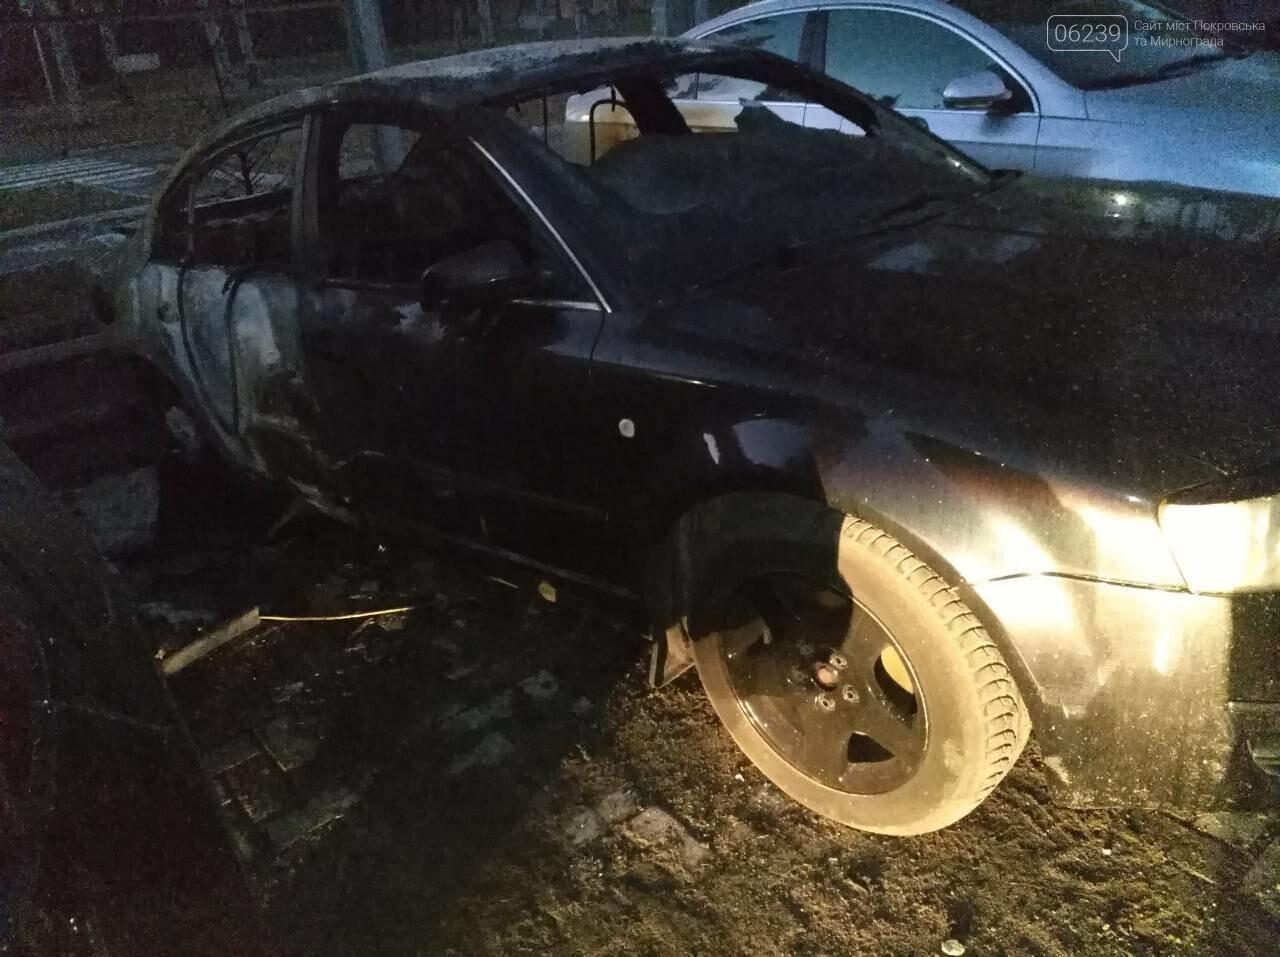 Поджог или  случайность: в Покровске этой ночью горели 4 автомобиля, фото-2